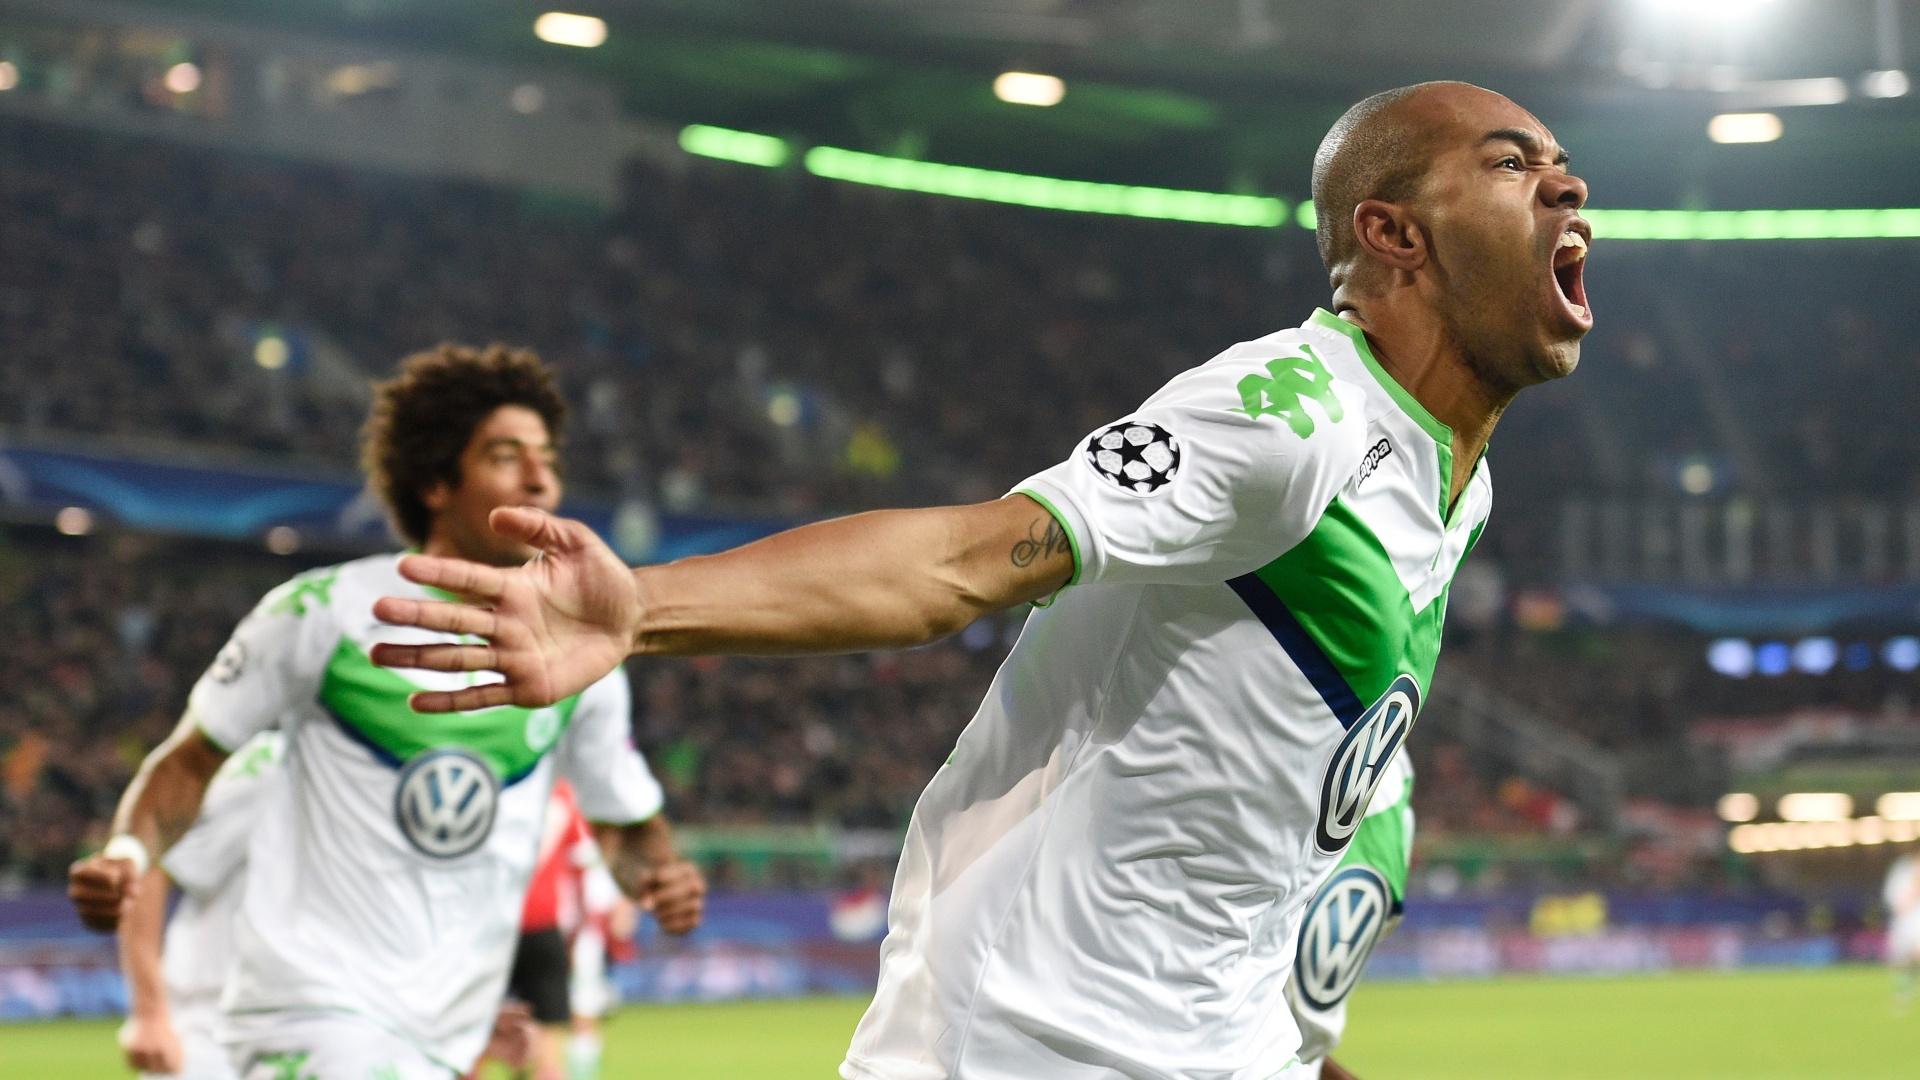 Naldo comemora seu primeiro gol contra o Manchester United, em vitória por 3 a 2. Wolfsburg eliminou o time inglês